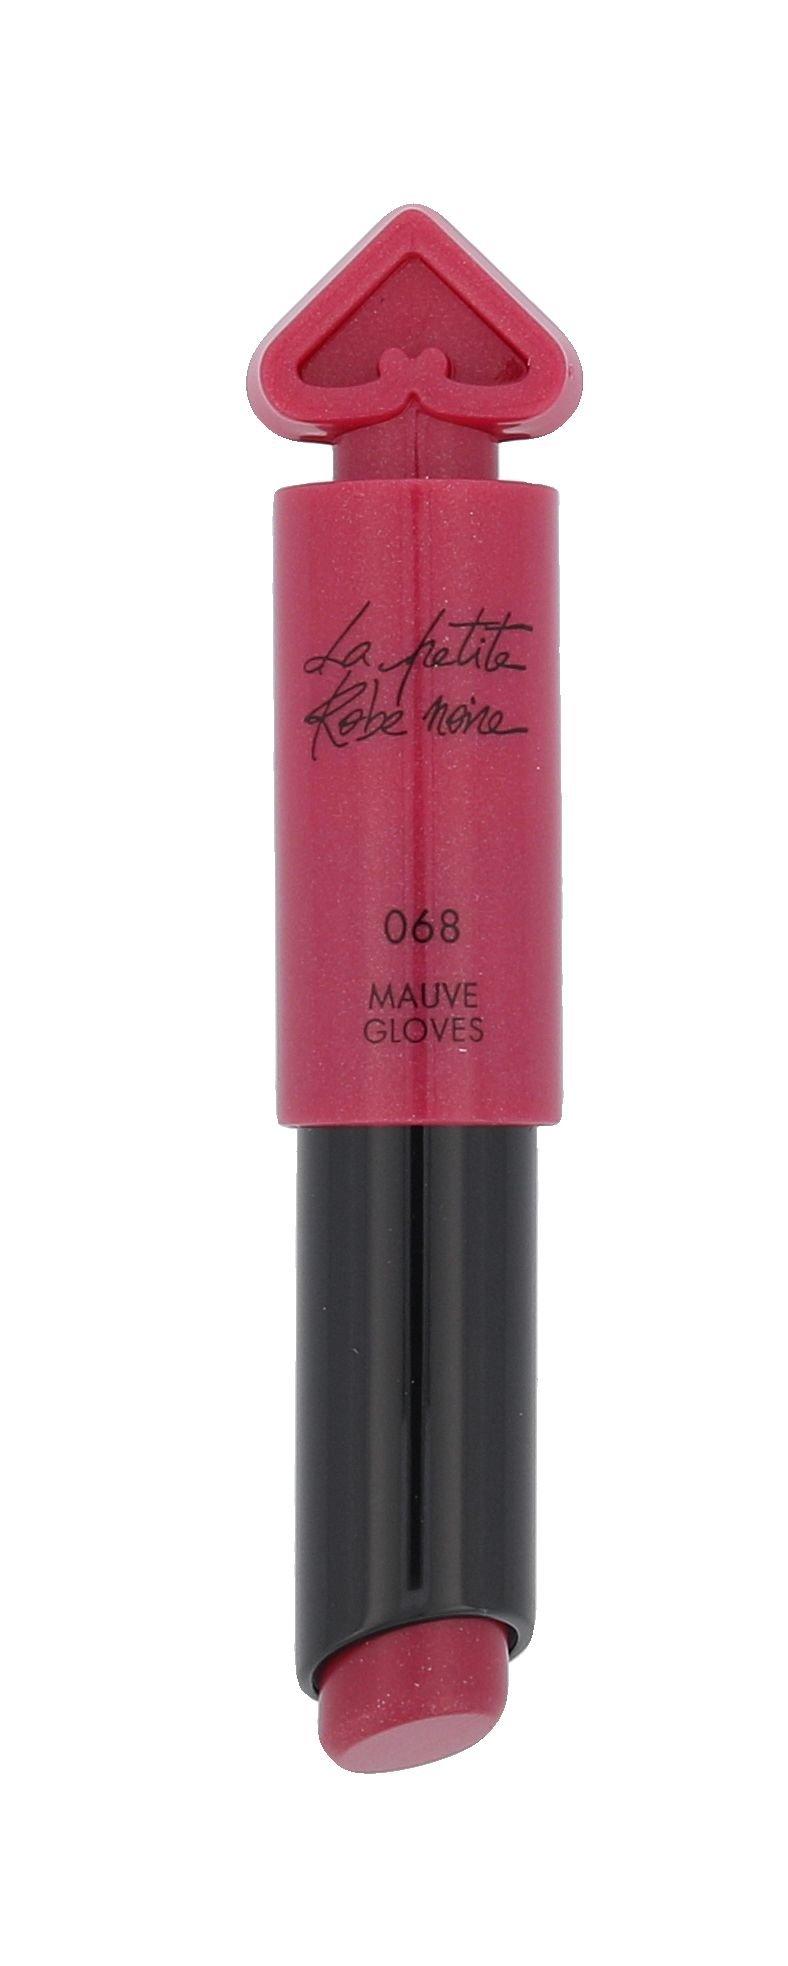 Guerlain La Petite Robe Noire Cosmetic 2,8ml 068 Mauve Gloves